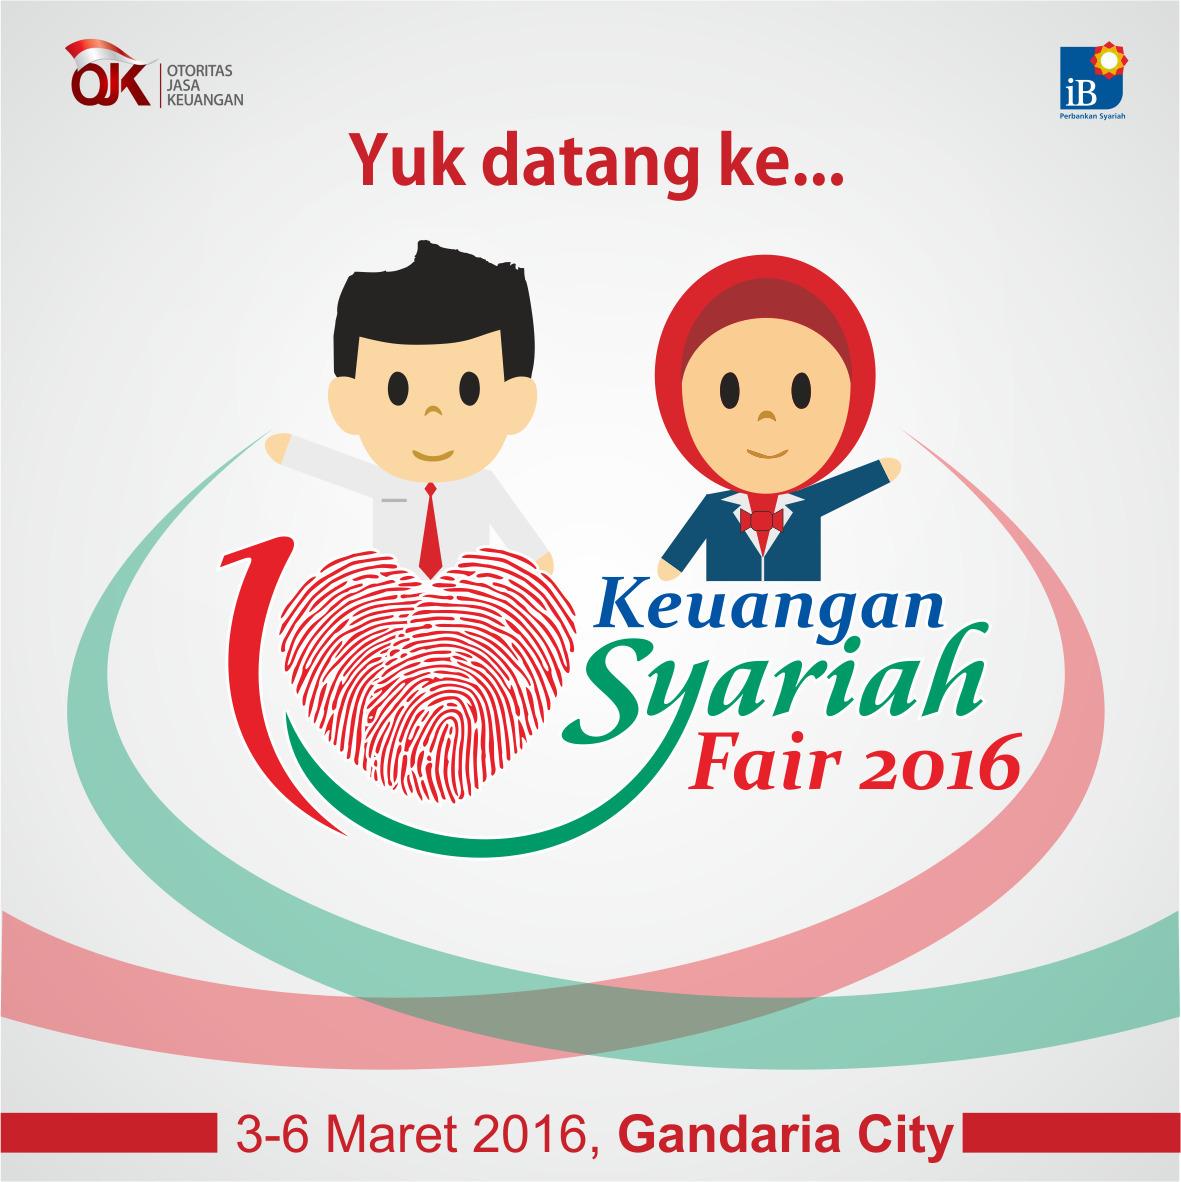 Keuangan Syariah Fair 2016